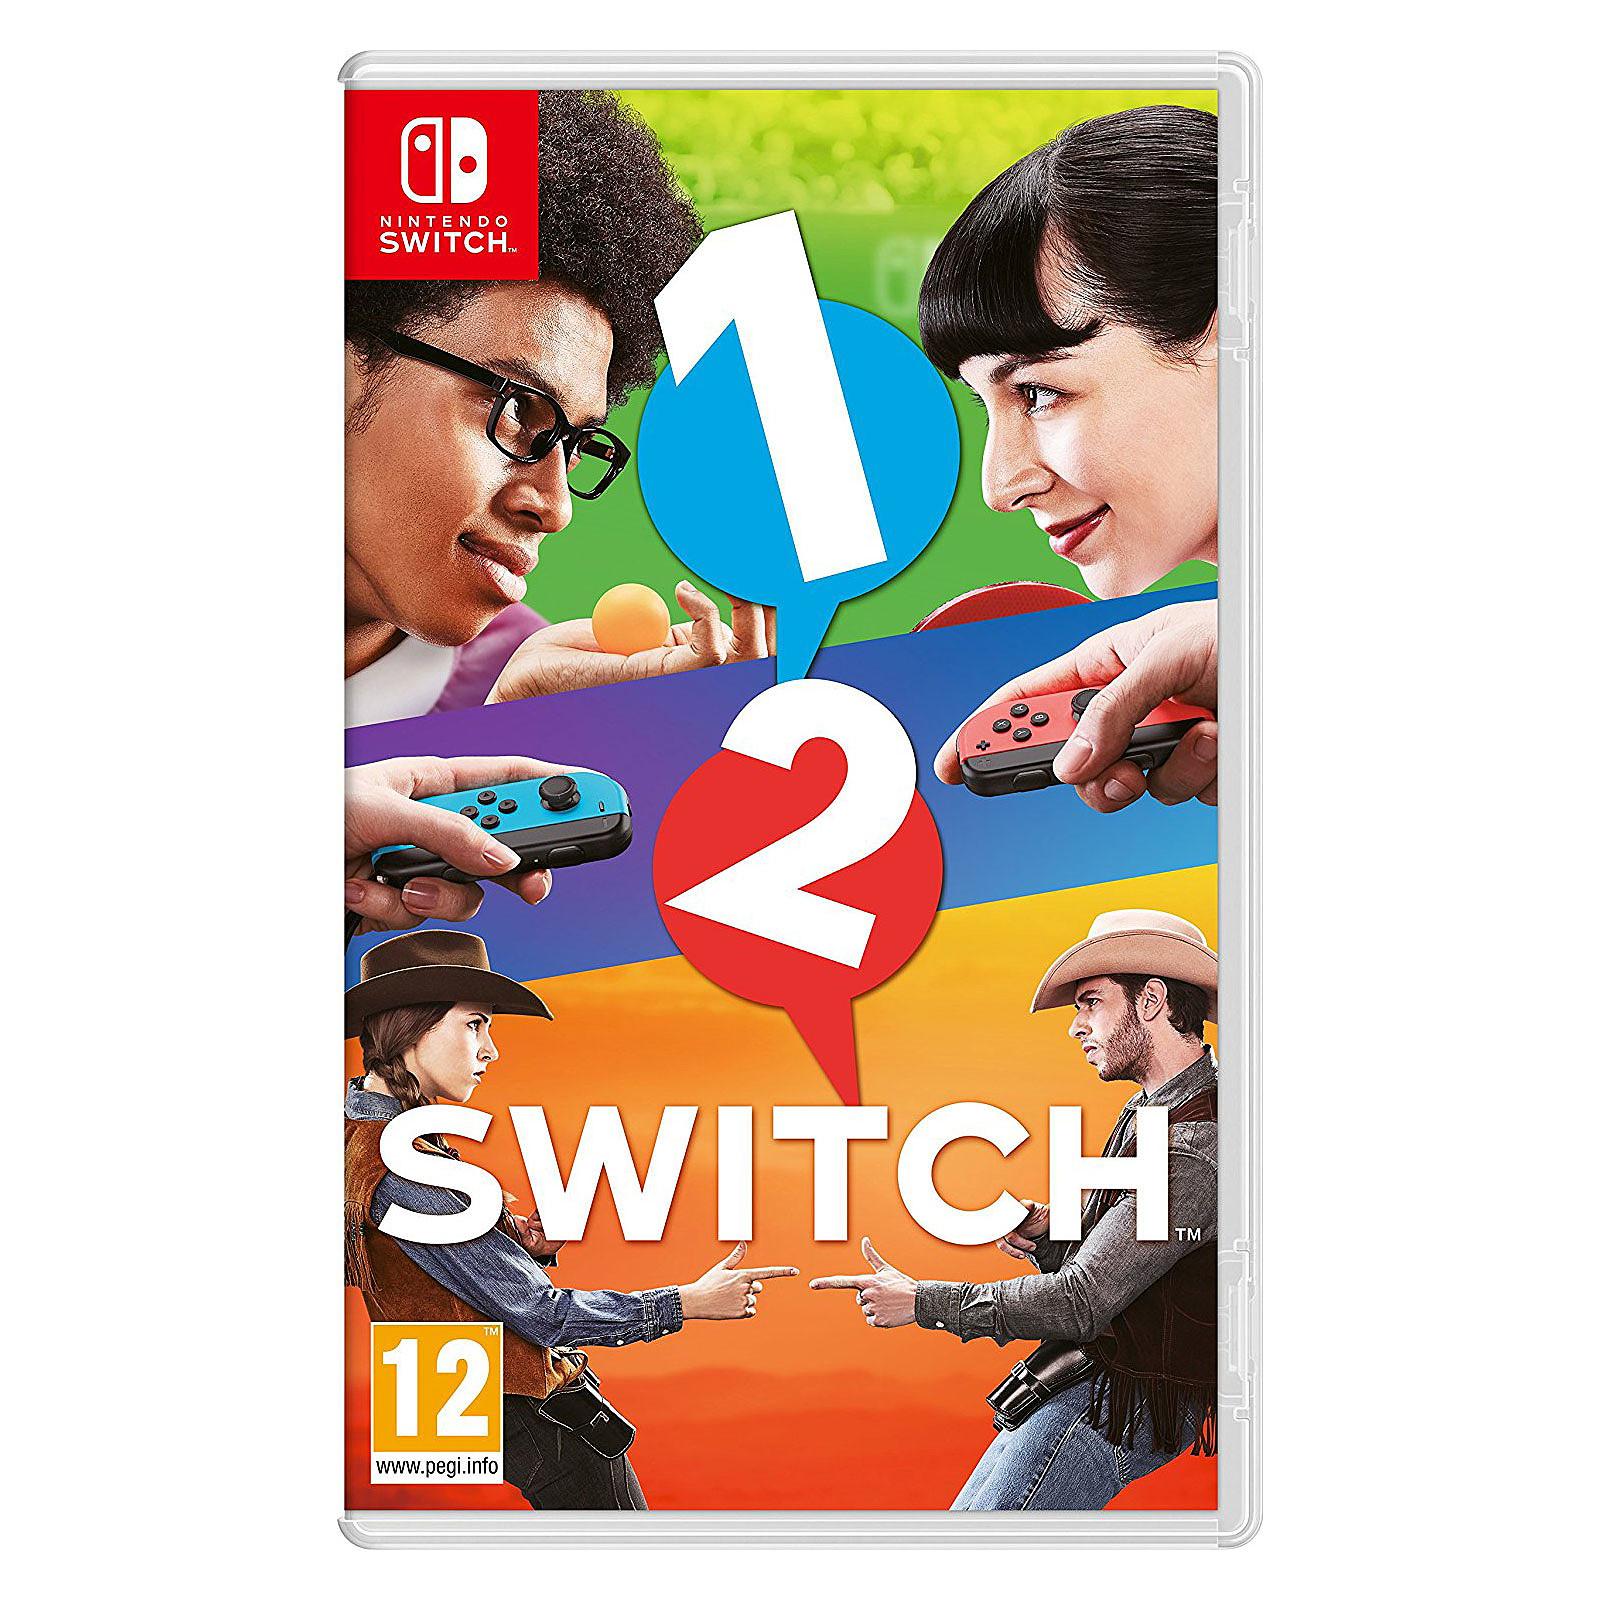 1-2 Switch (Switch)